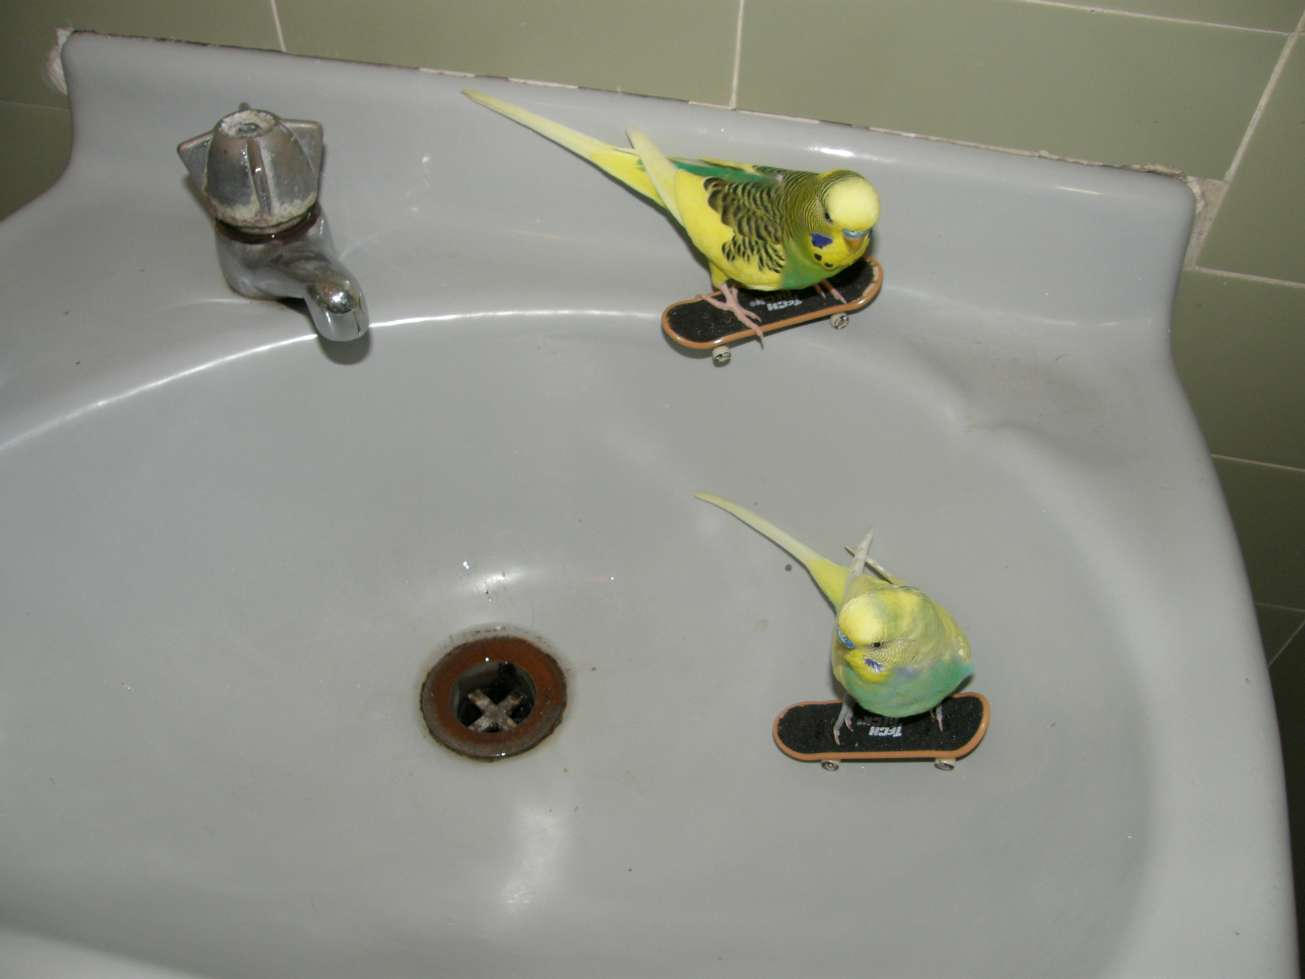 birds_skating_in_sink